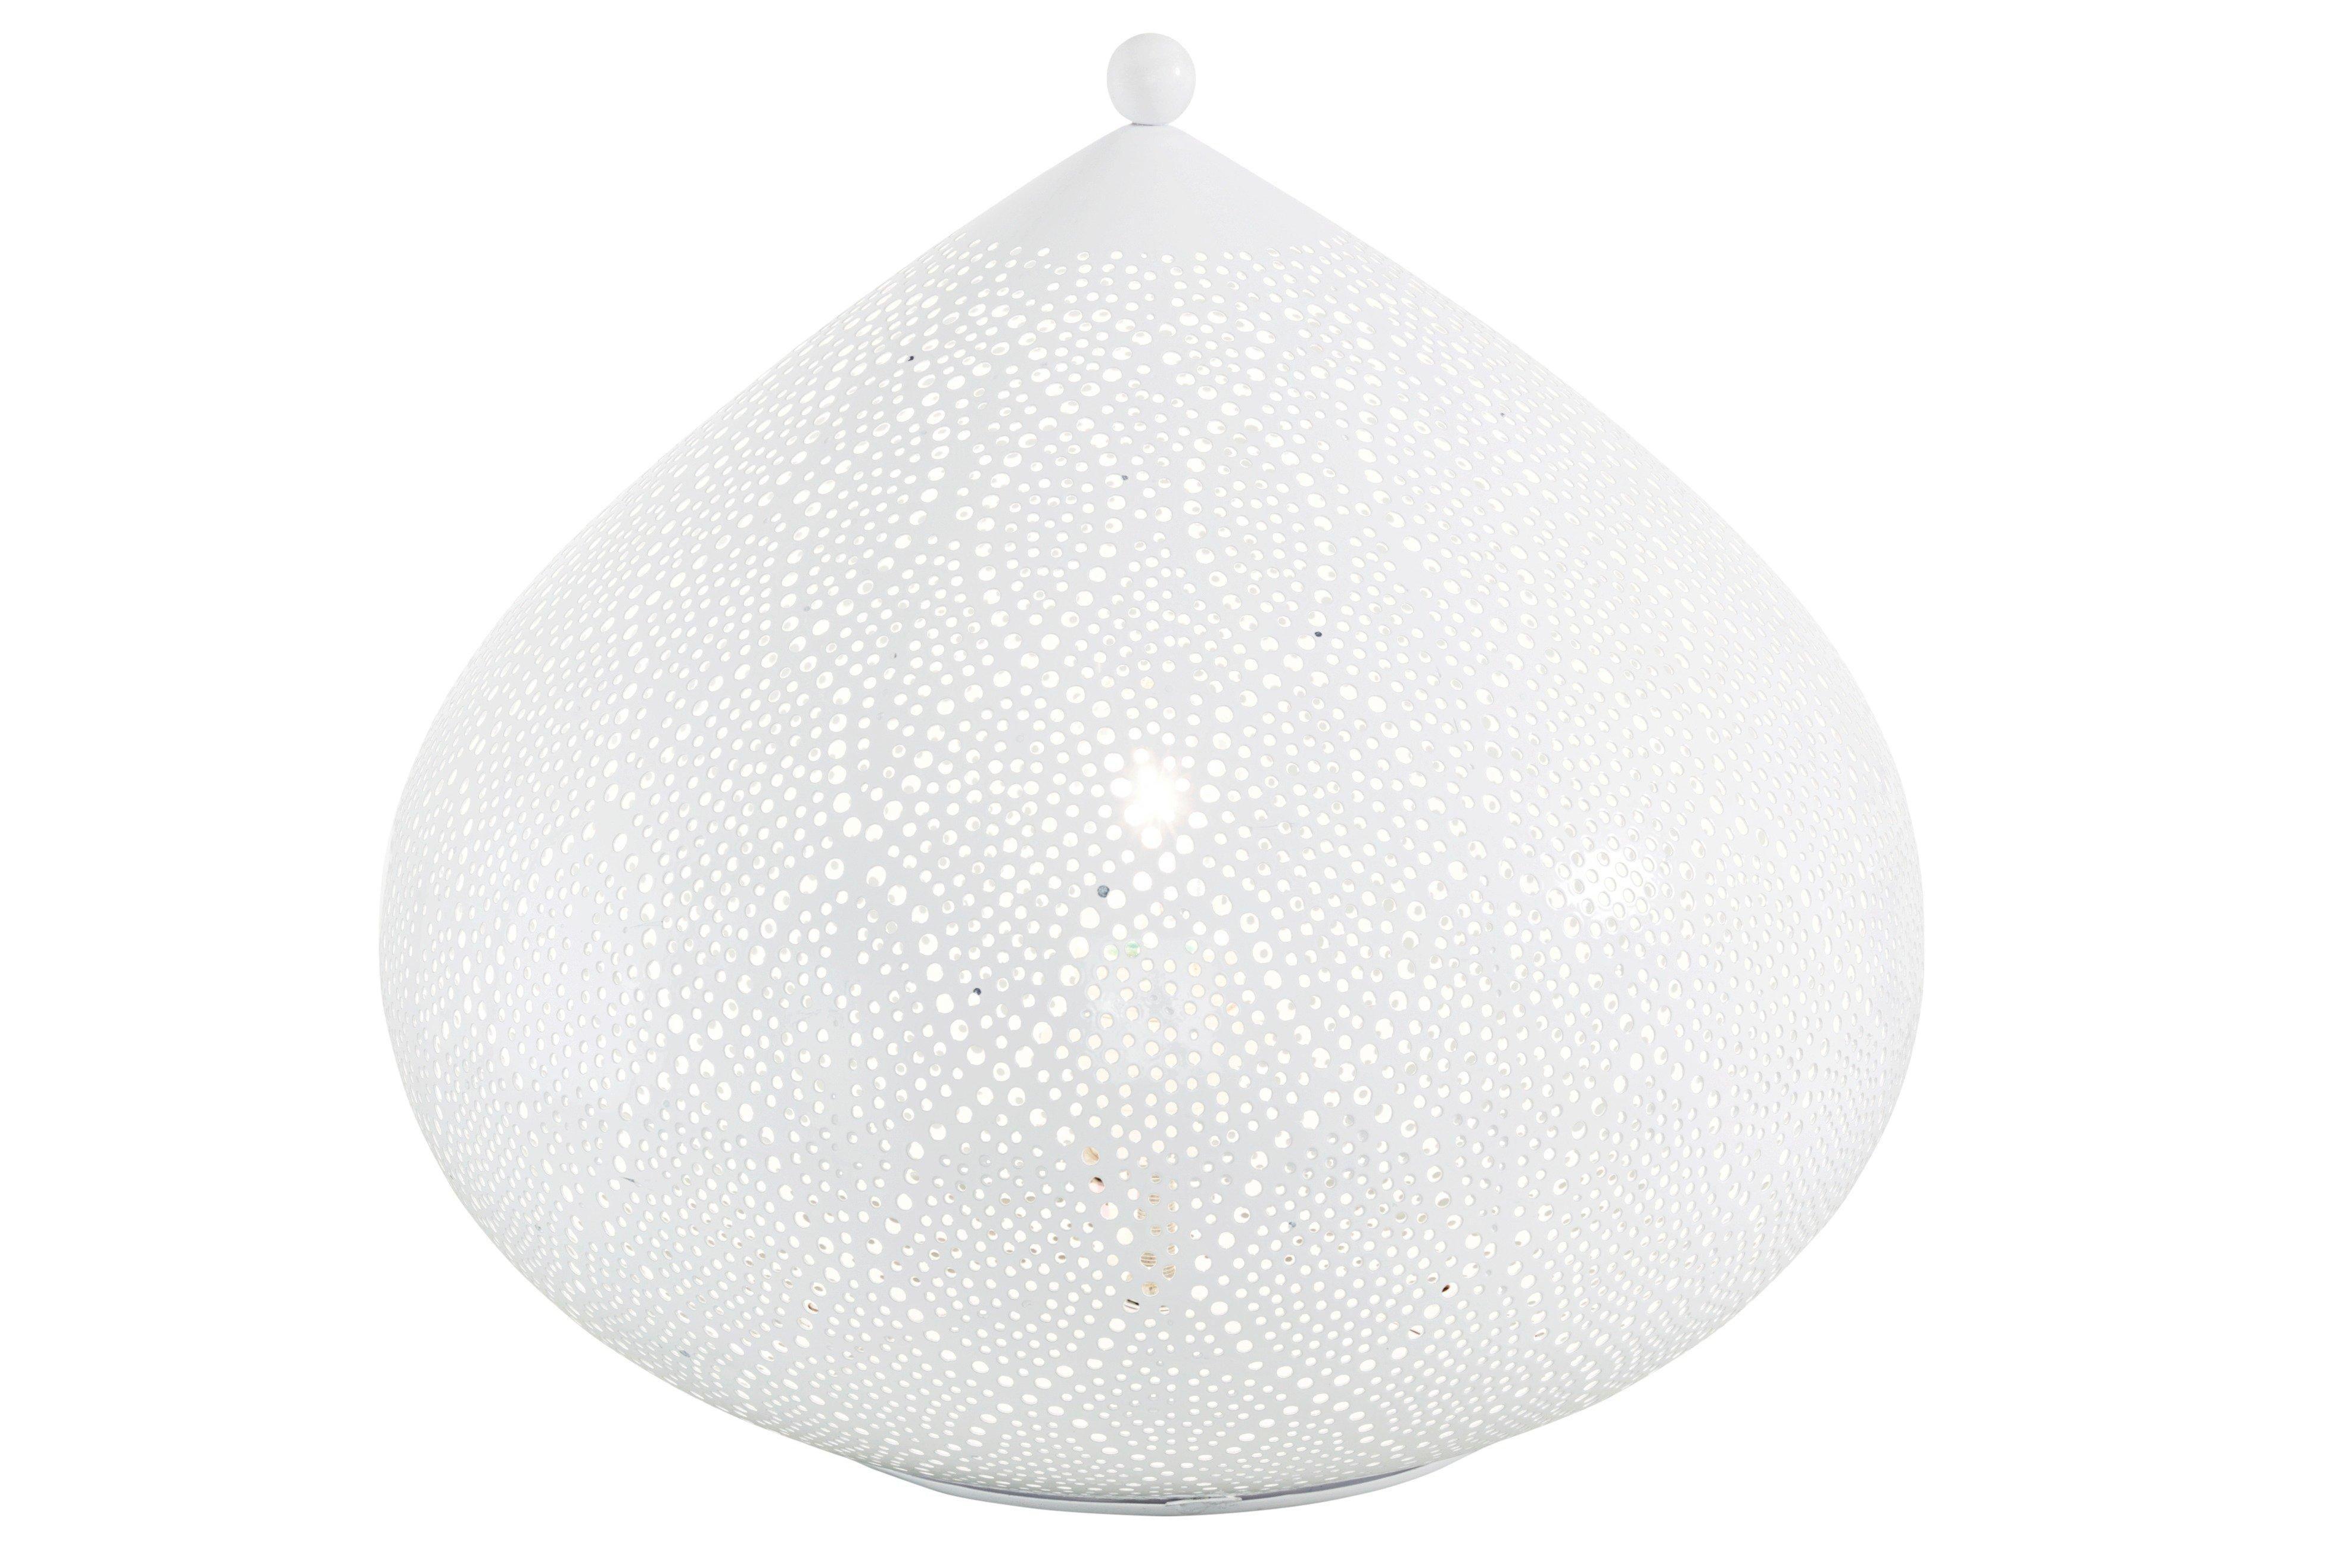 Moderne Lampen 8 : Moderne lampen für wohnzimmer tischleuchten designerlampen